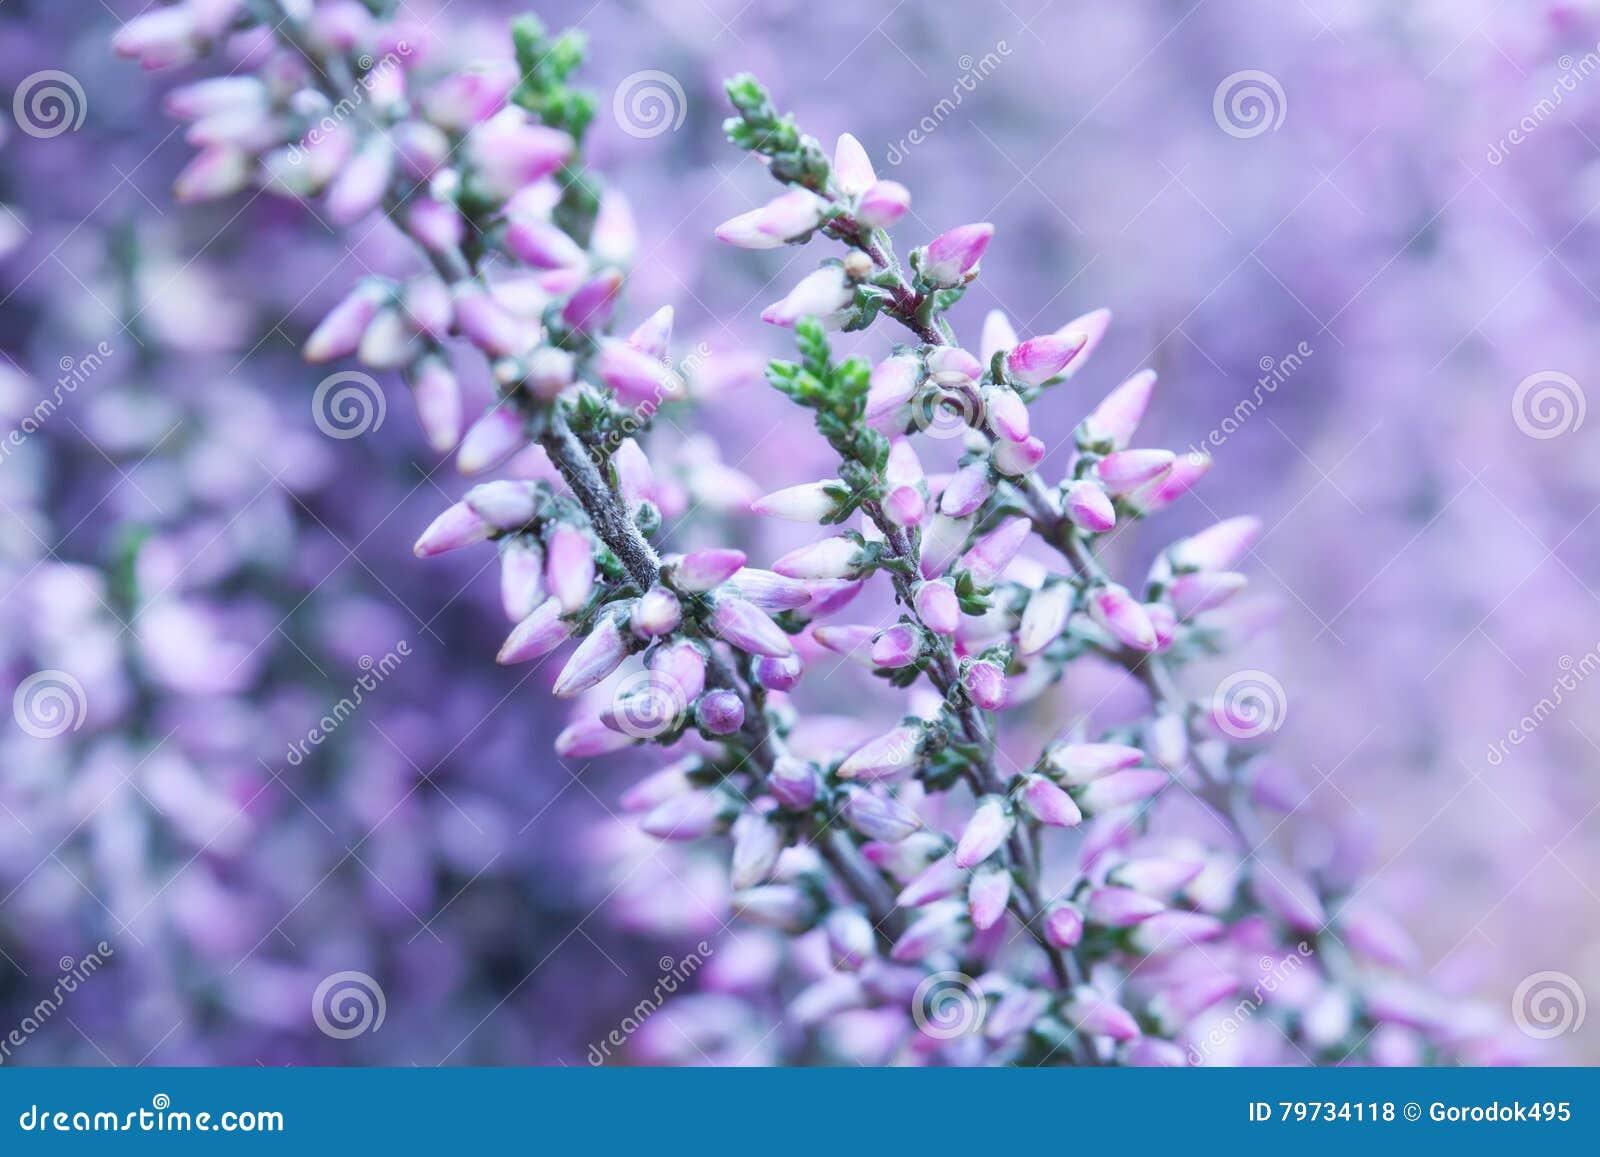 Opinión común de la macro del brezo Pequeñas flores violetas, profundidad del campo baja Fondo púrpura suave